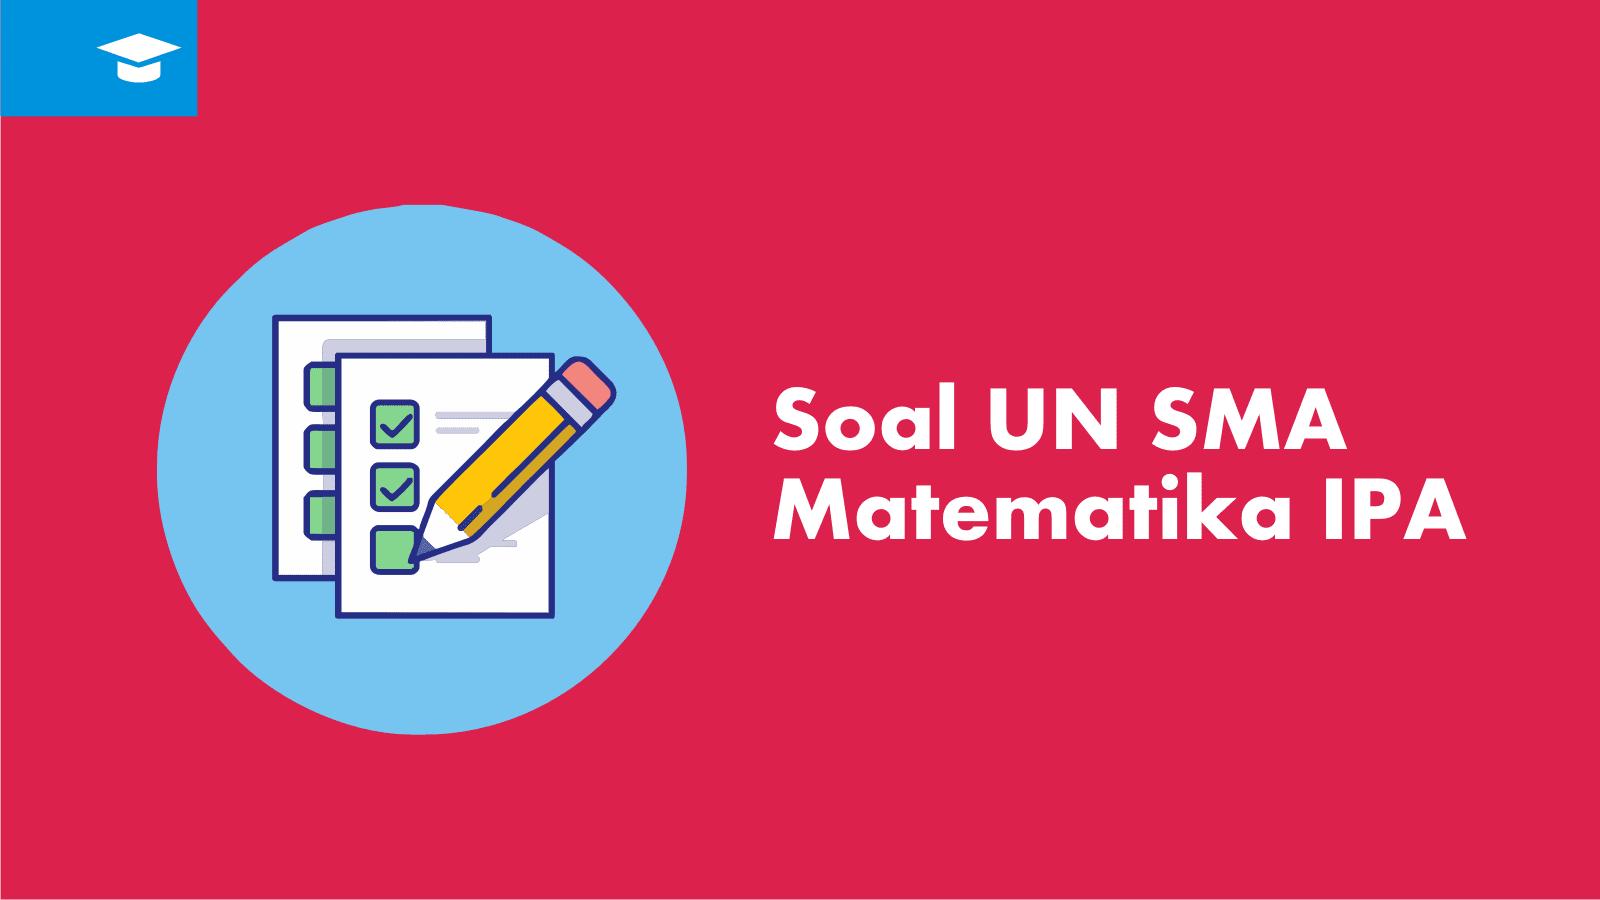 Soal UN Matematika IPA SMA